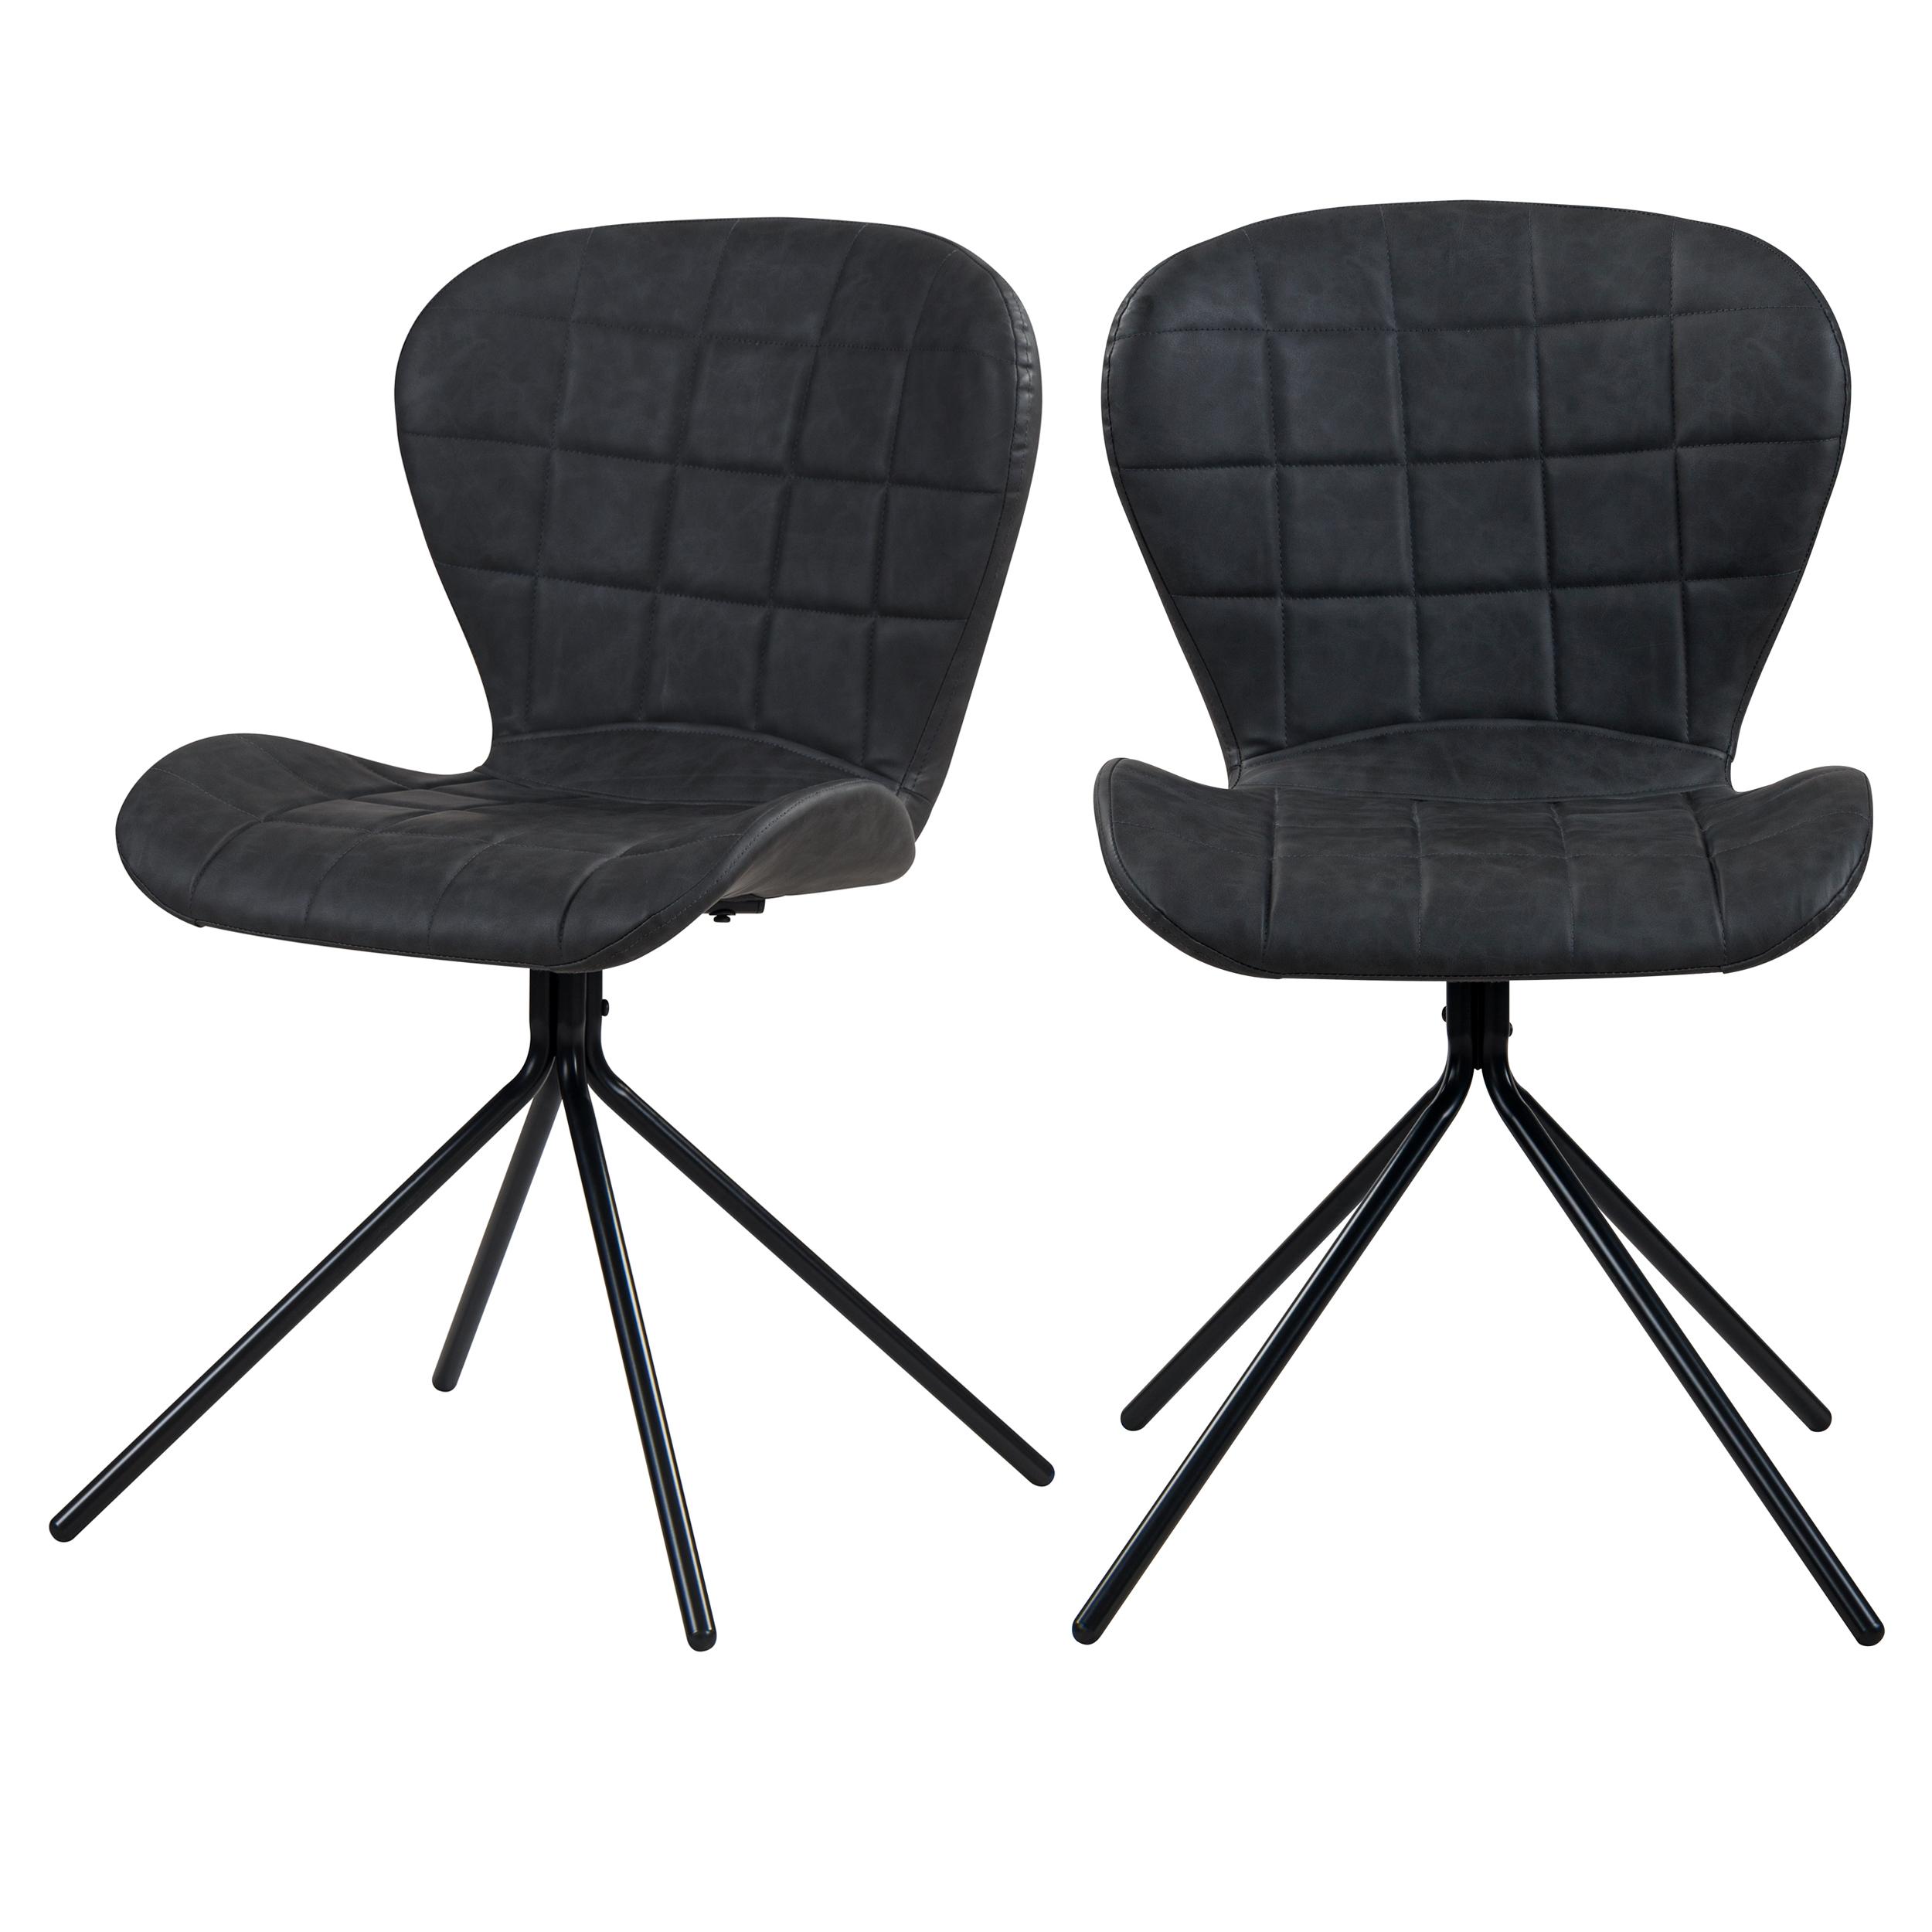 Chaise en PU molletonné gris foncé et pieds en métal